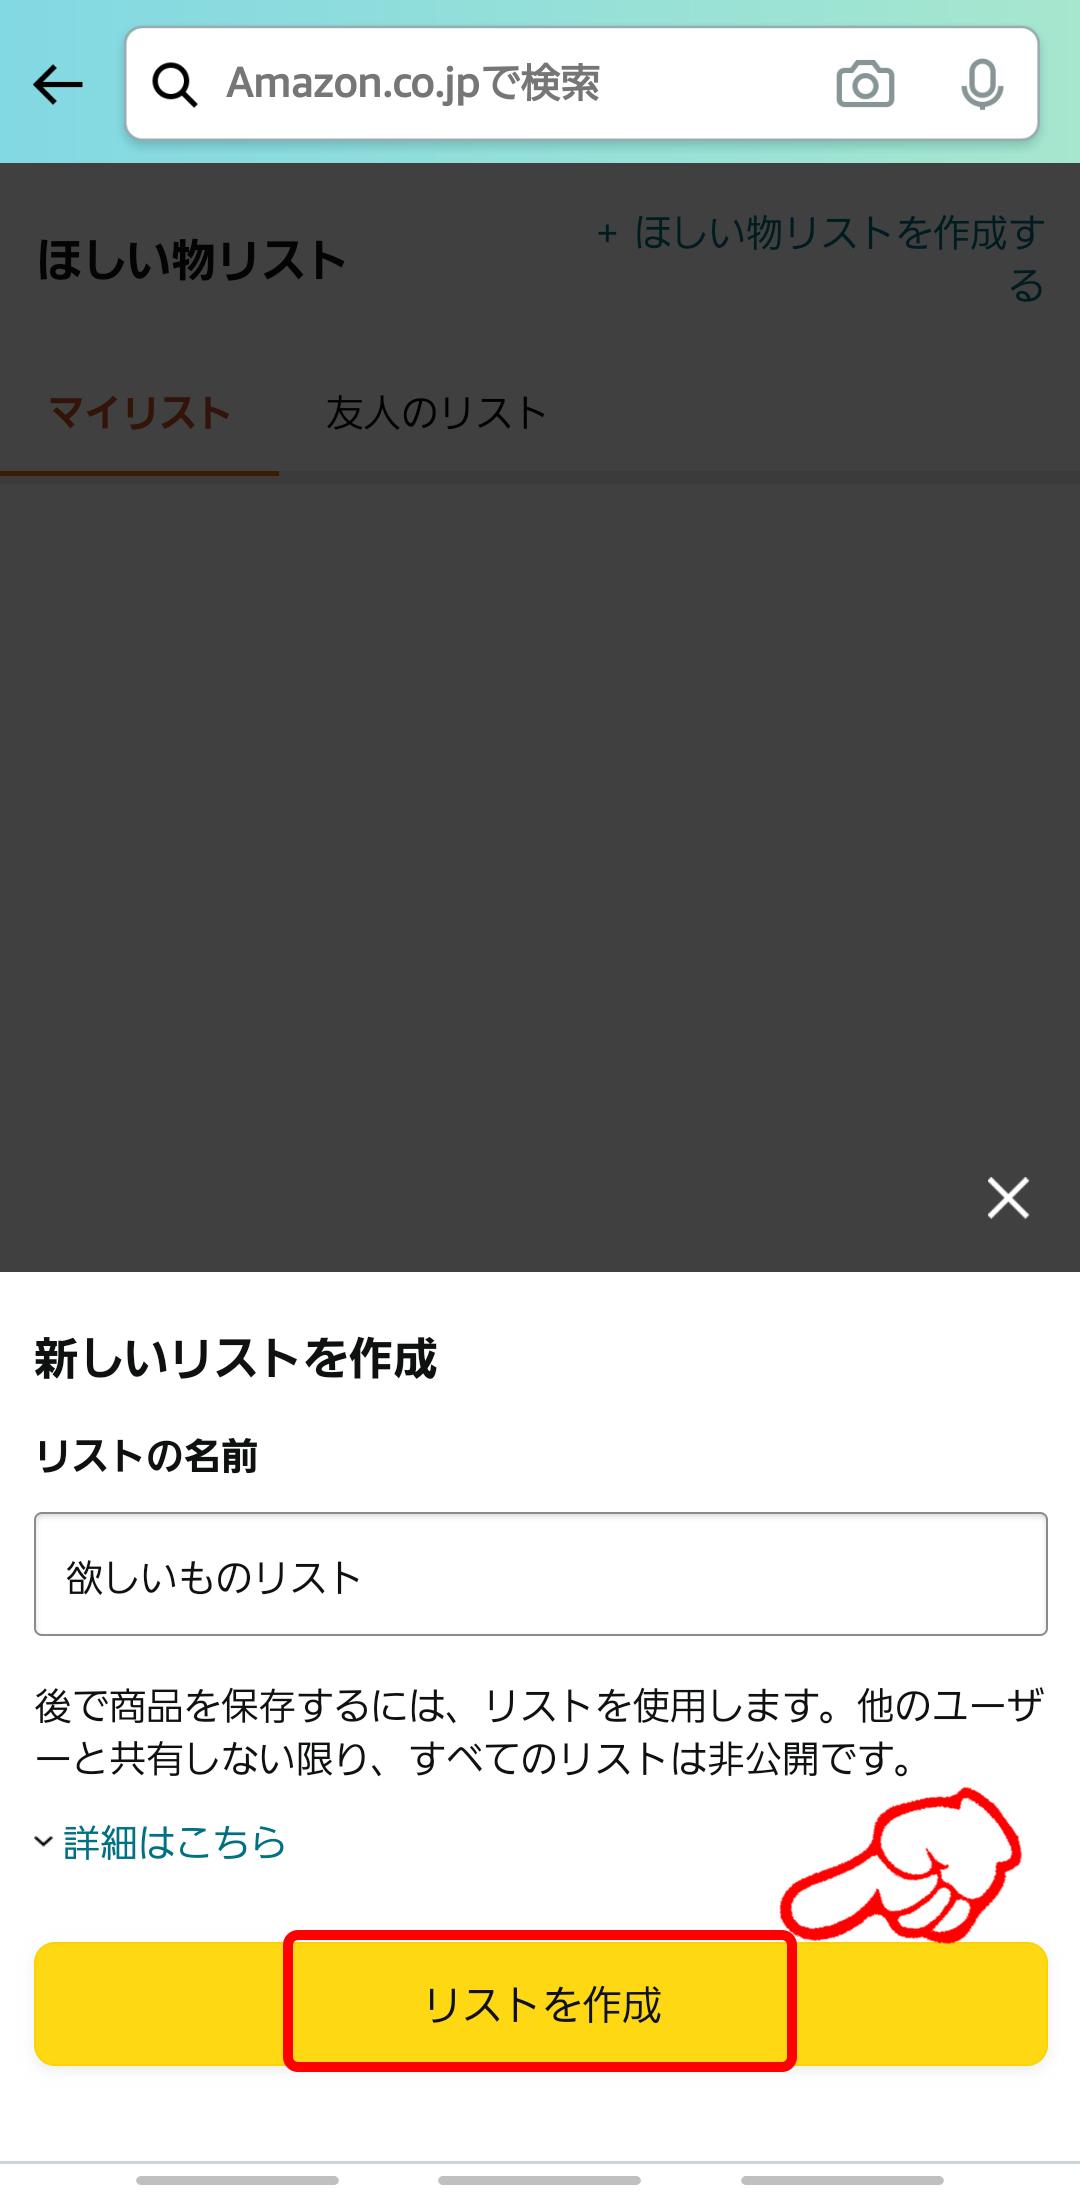 アマゾンアプリほしい物リスト作り方-4